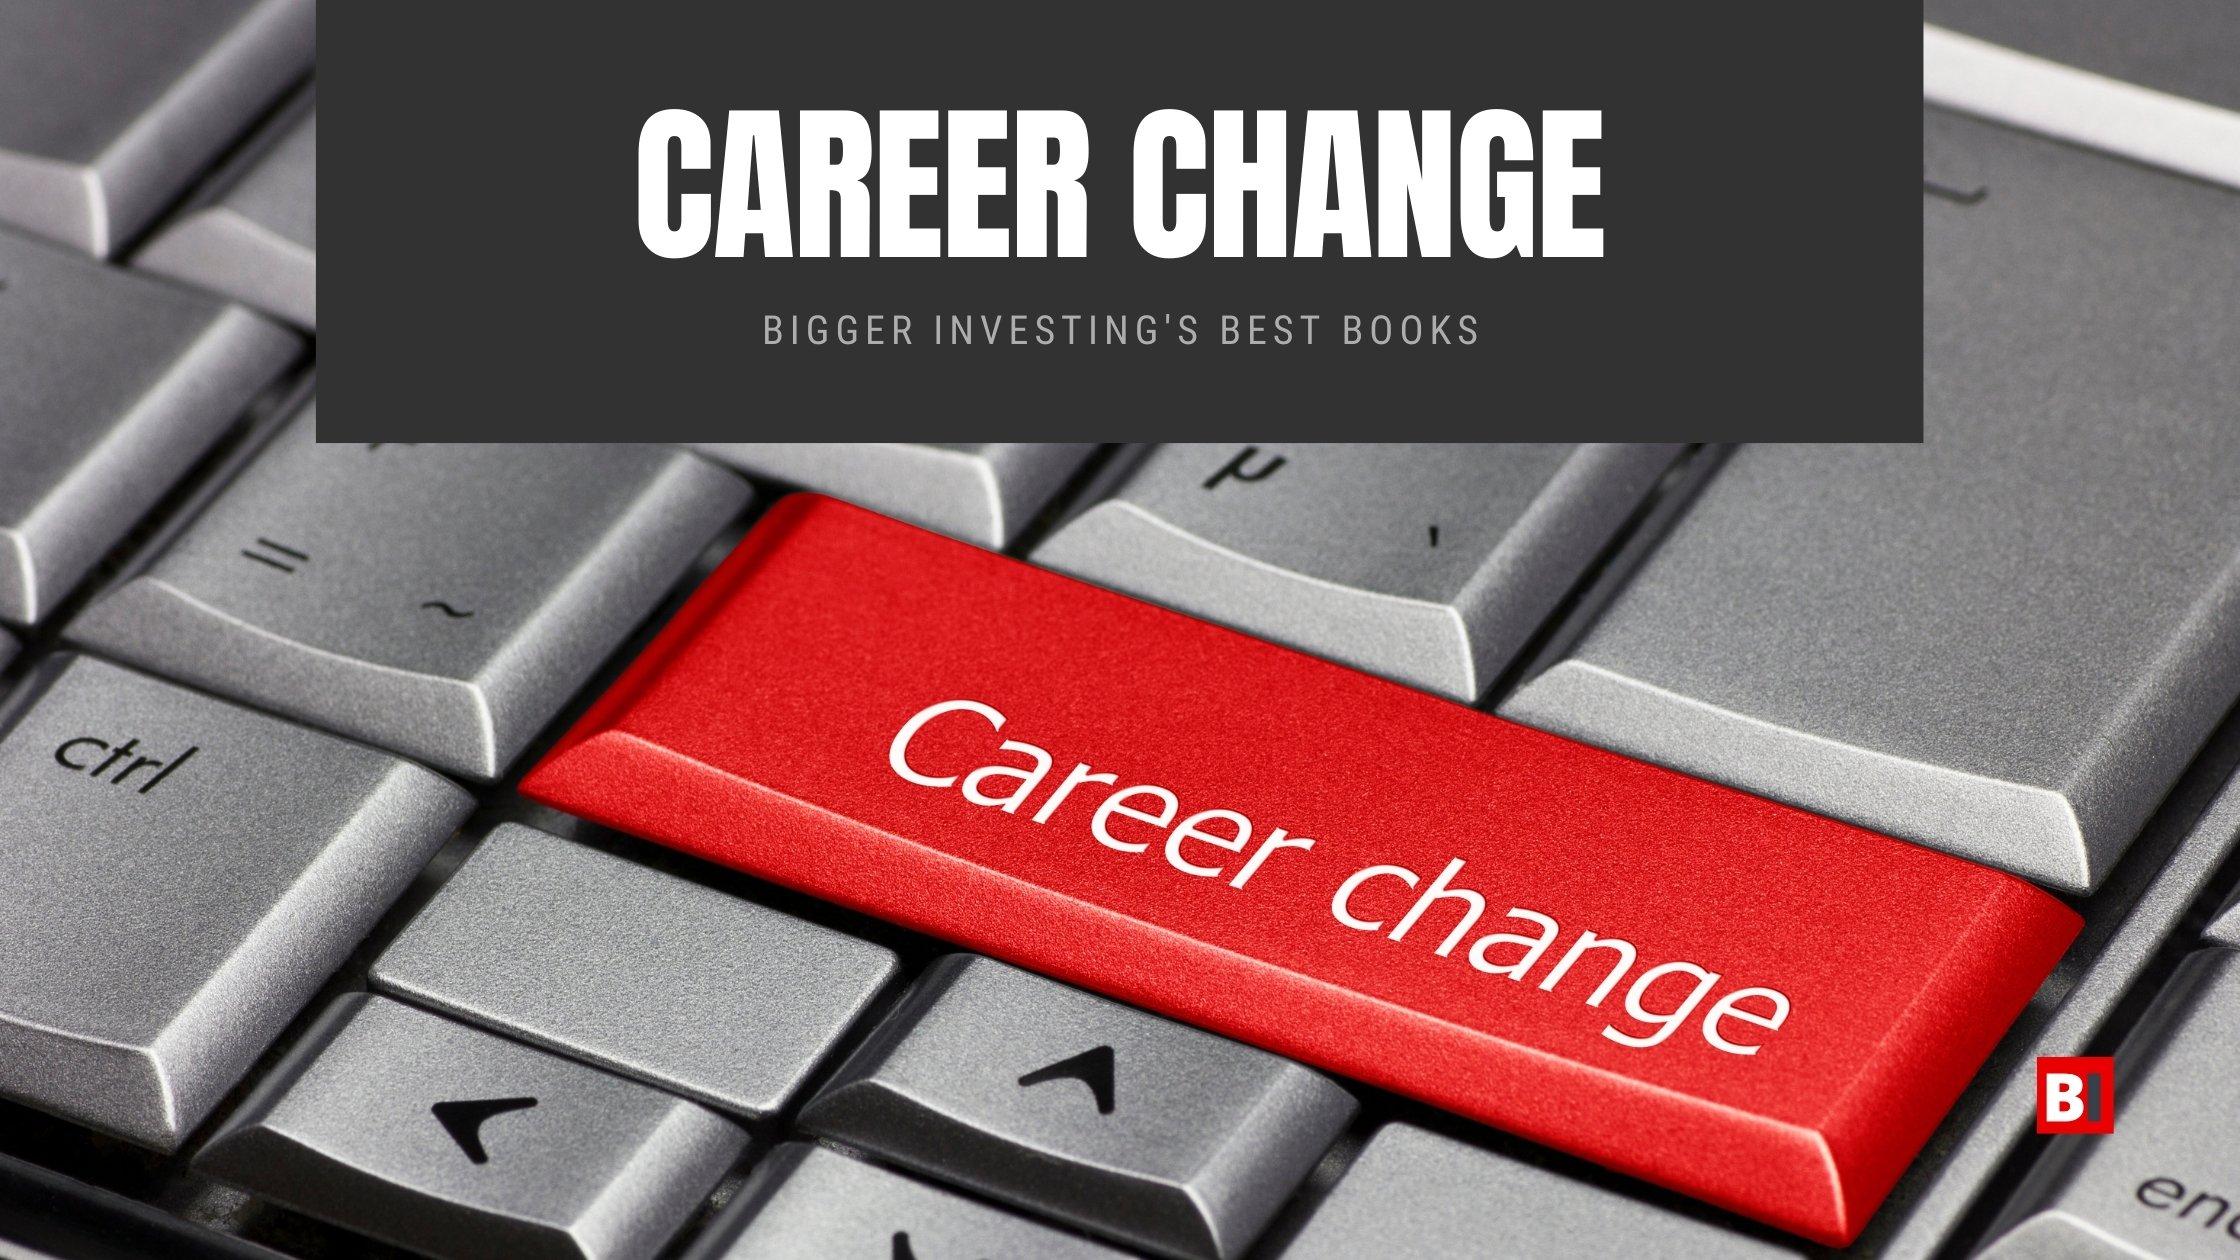 Best Books on Career Change